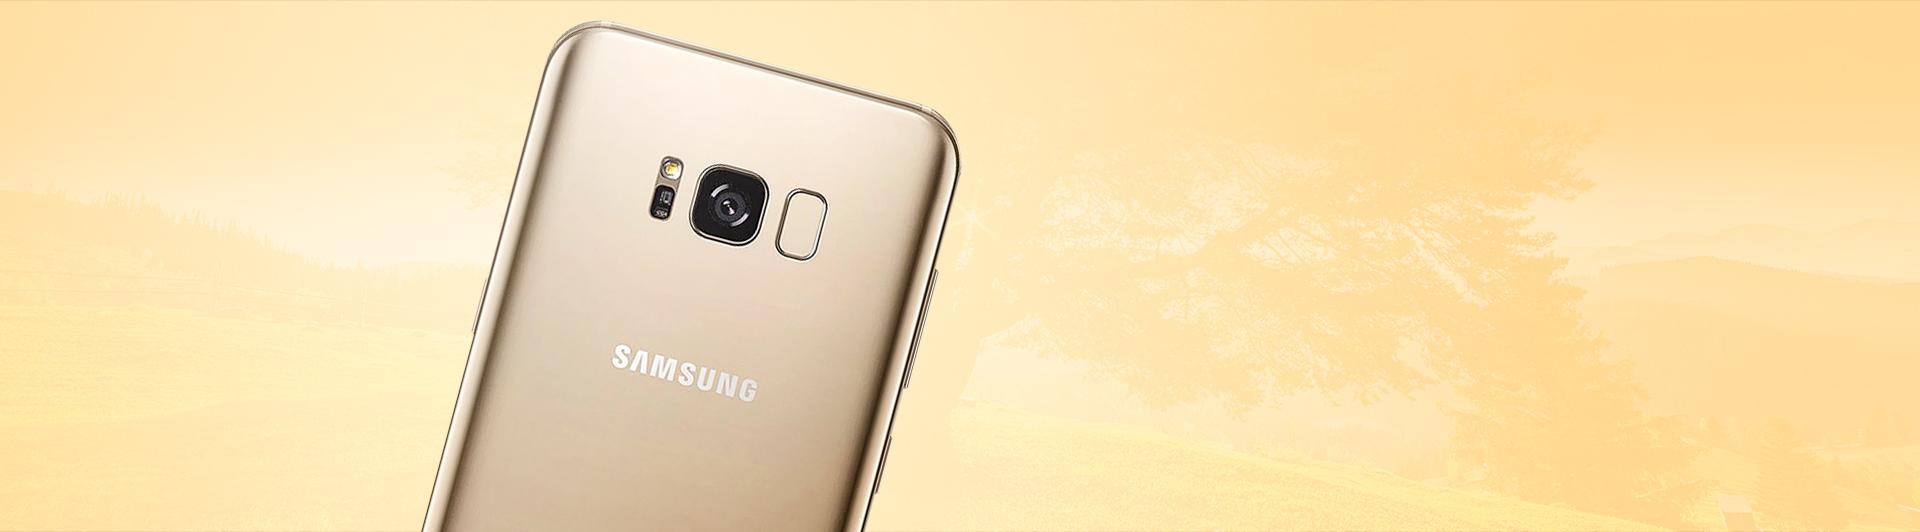 Điện thoại Samsung Galaxy S8 Plus vàng trả góp 0% tại Nguyễn Kim